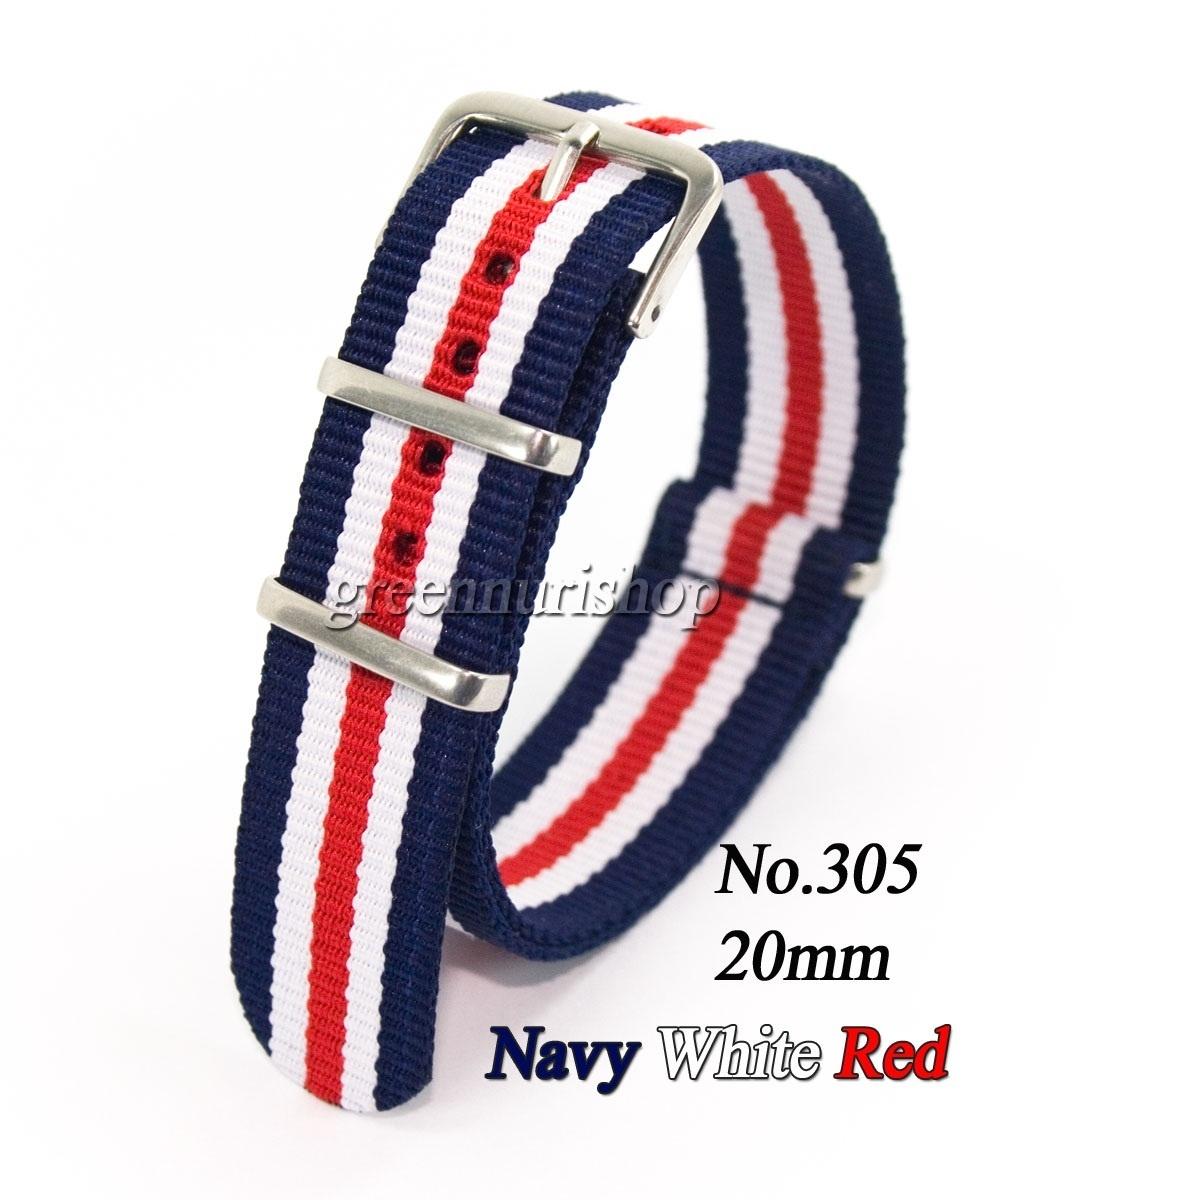 Http List Item Jang Geun Suk Earring Fashion Adidas Adh3017 Aberdeen Red Dial Rubber Strap 581518628 09g 0 W St G